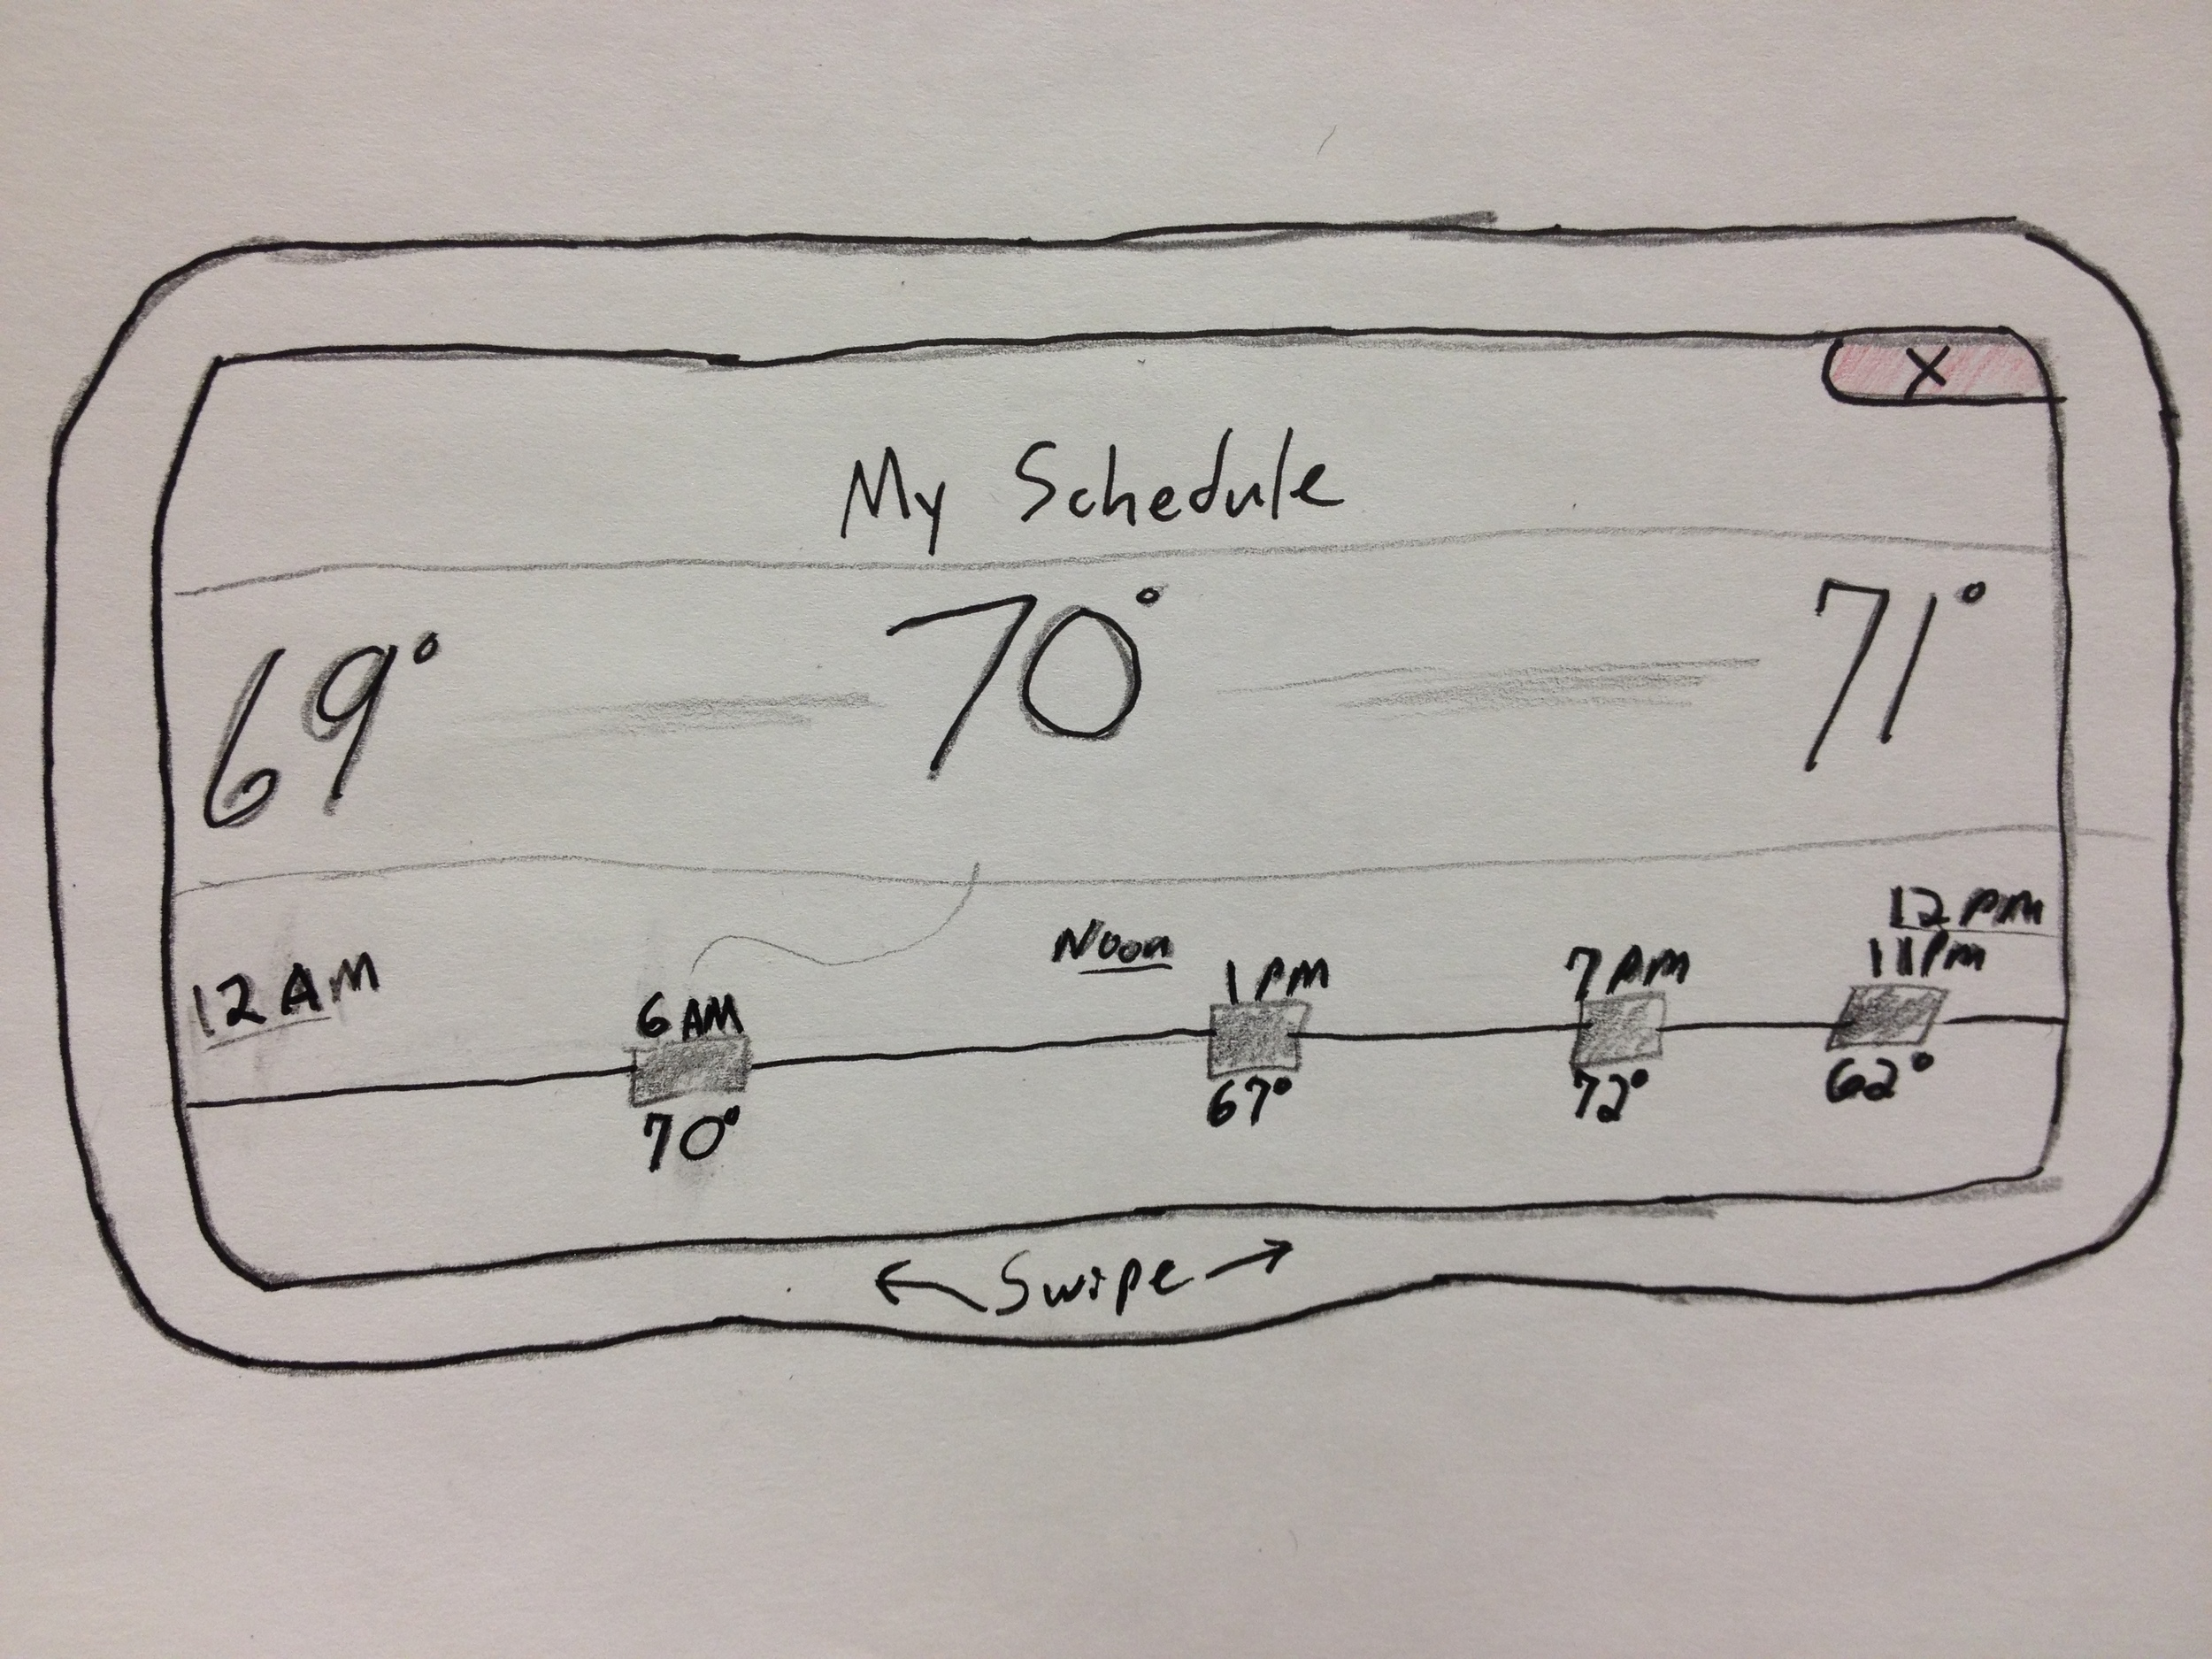 Scheduler.JPG